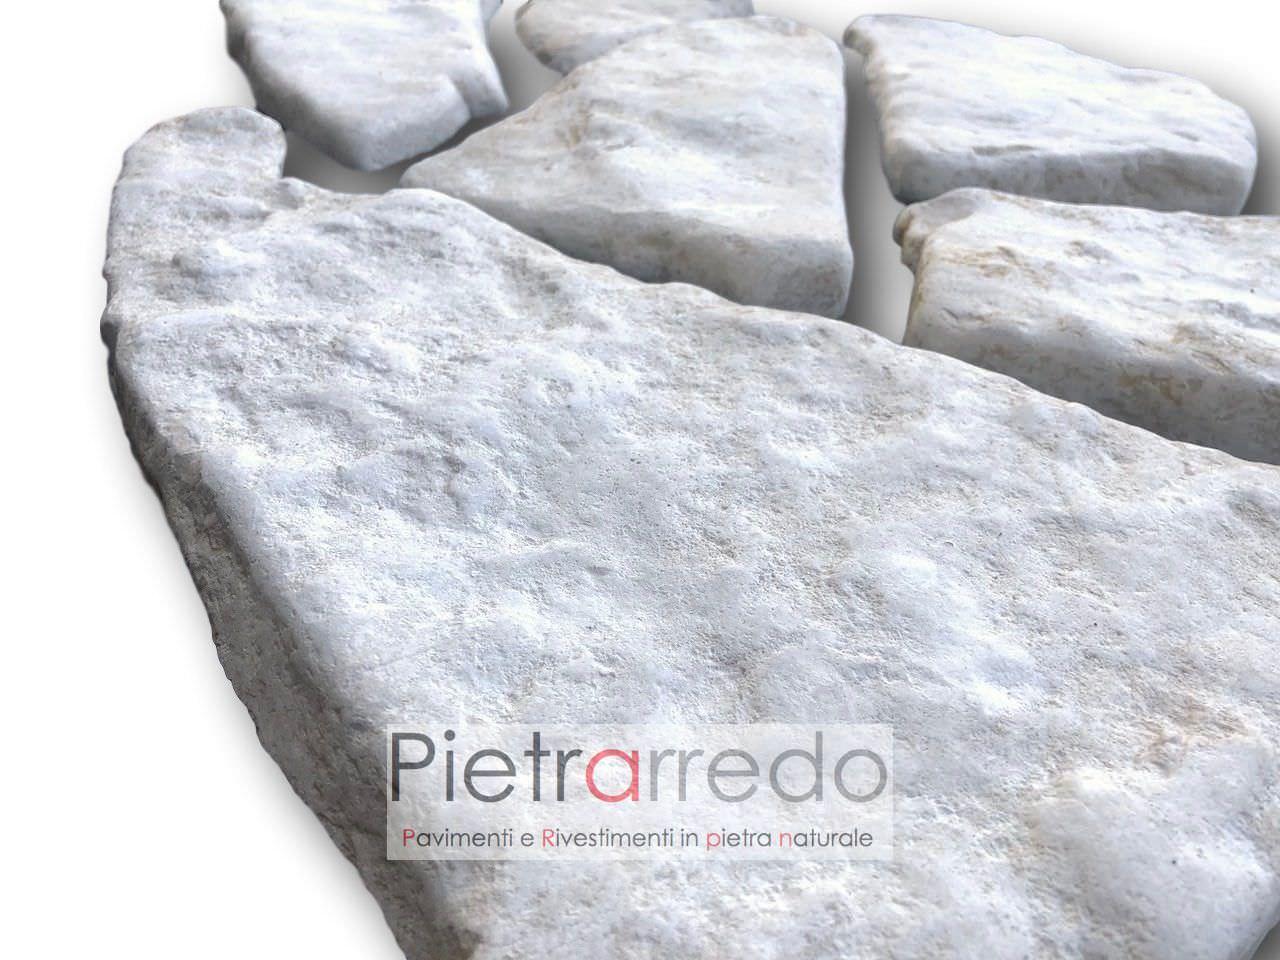 pietra naturale da rivestimenti pietrarredo antiqua trani anticata spazzolata a mosaico per pareti prezzo